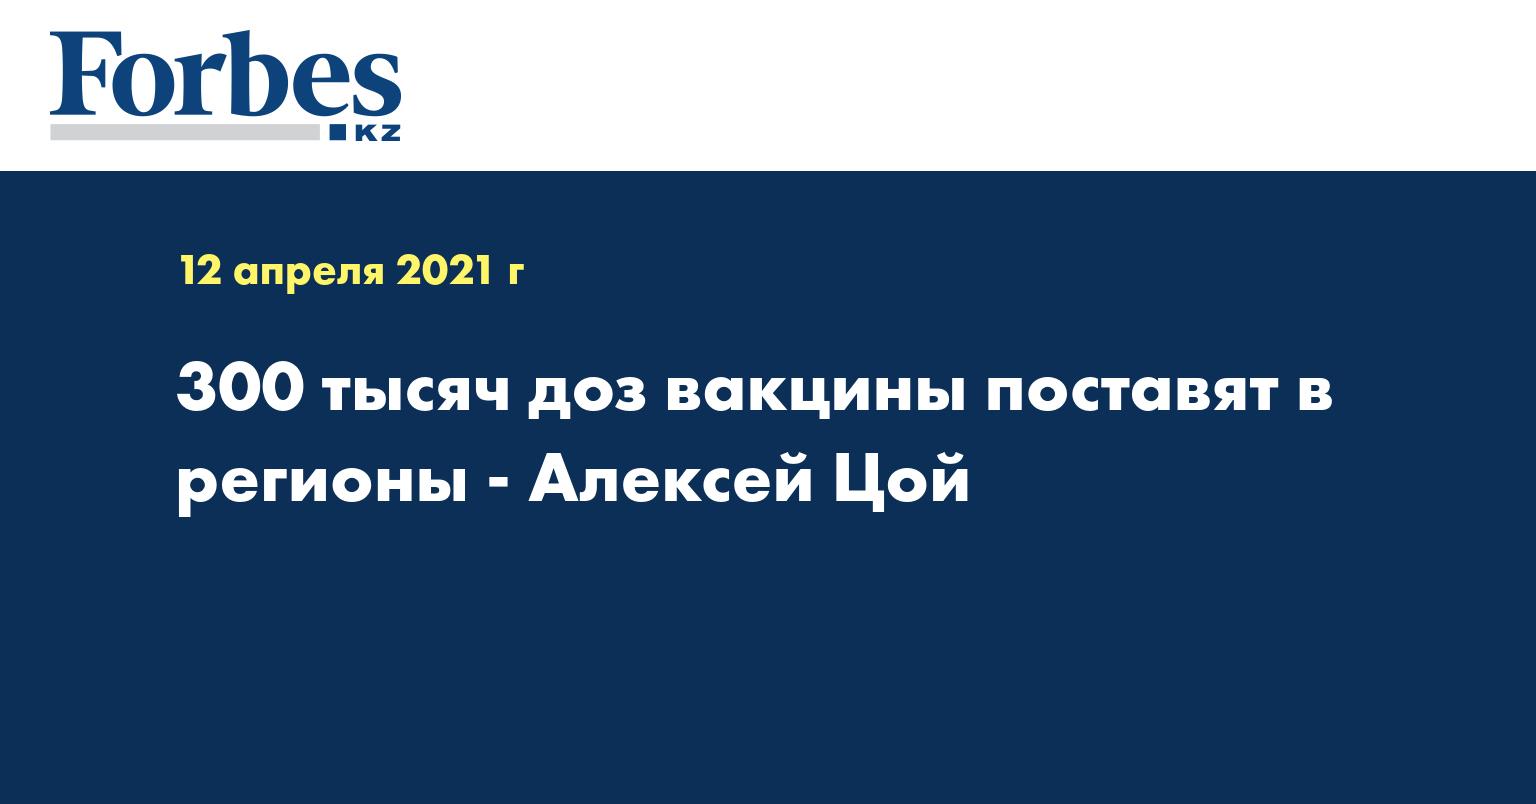 300 тысяч доз вакцины поставят в регионы - Алексей Цой